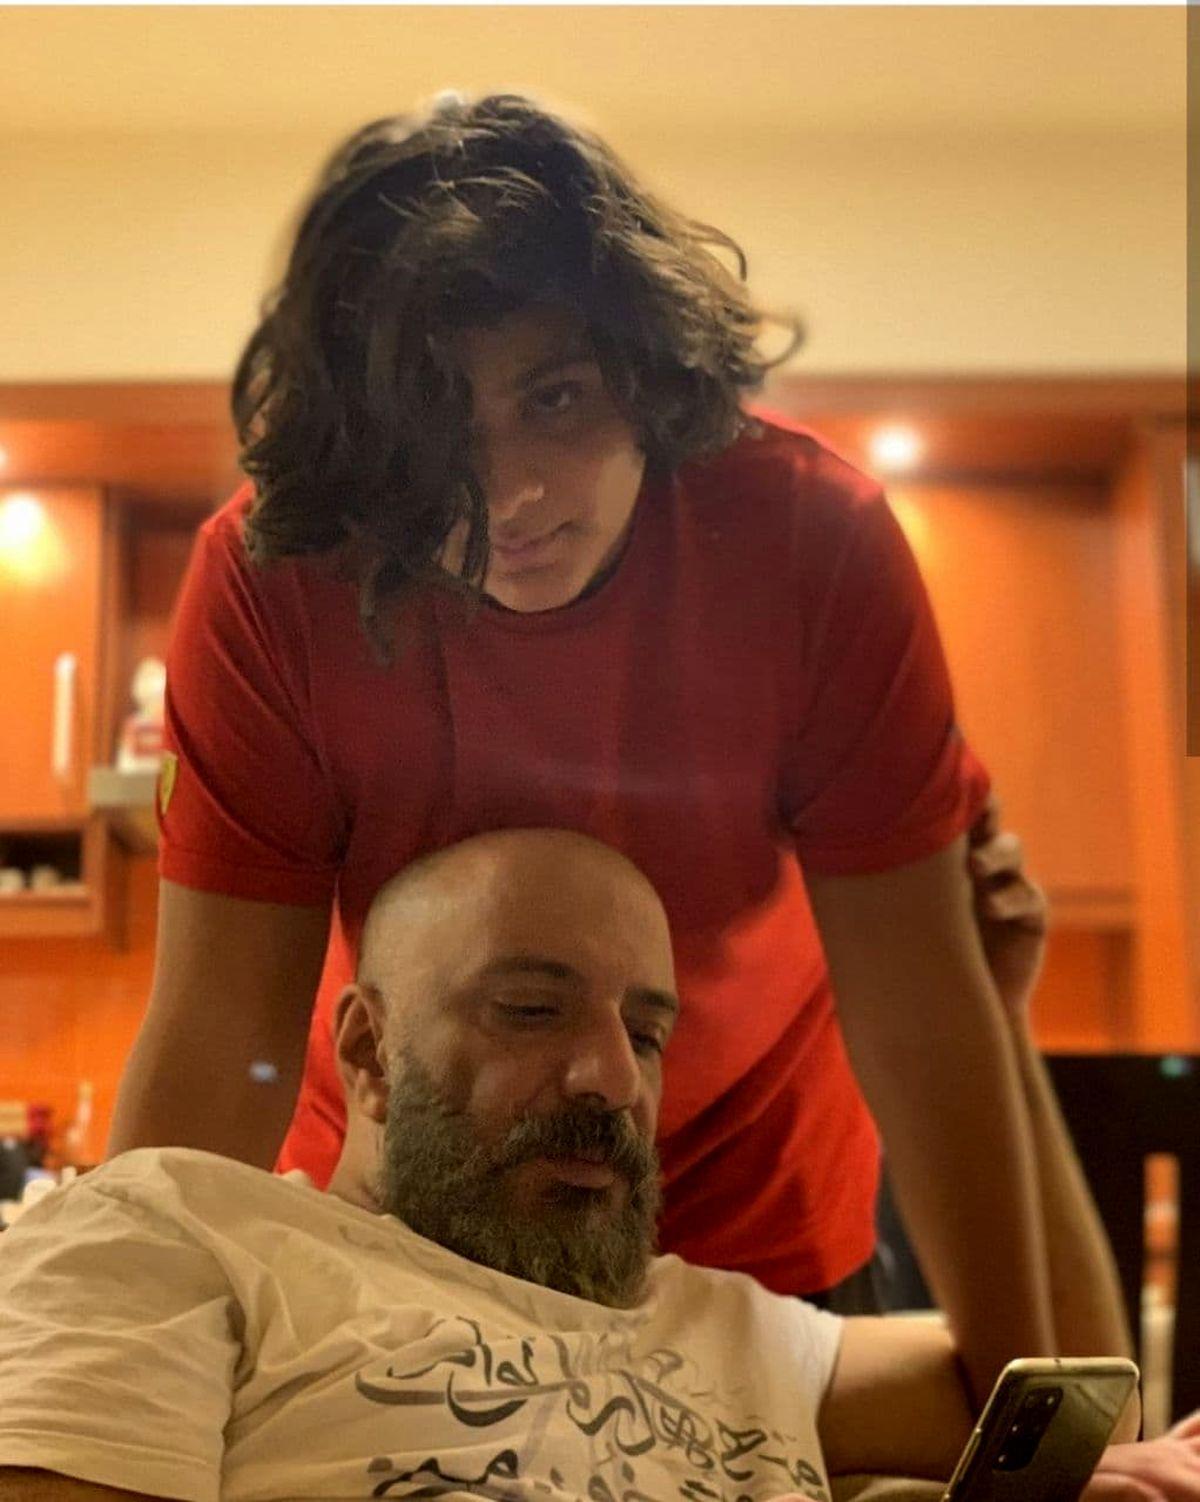 خوشگذرانی امیر جعفری در یونان با پسرش حاشیه ساز شد